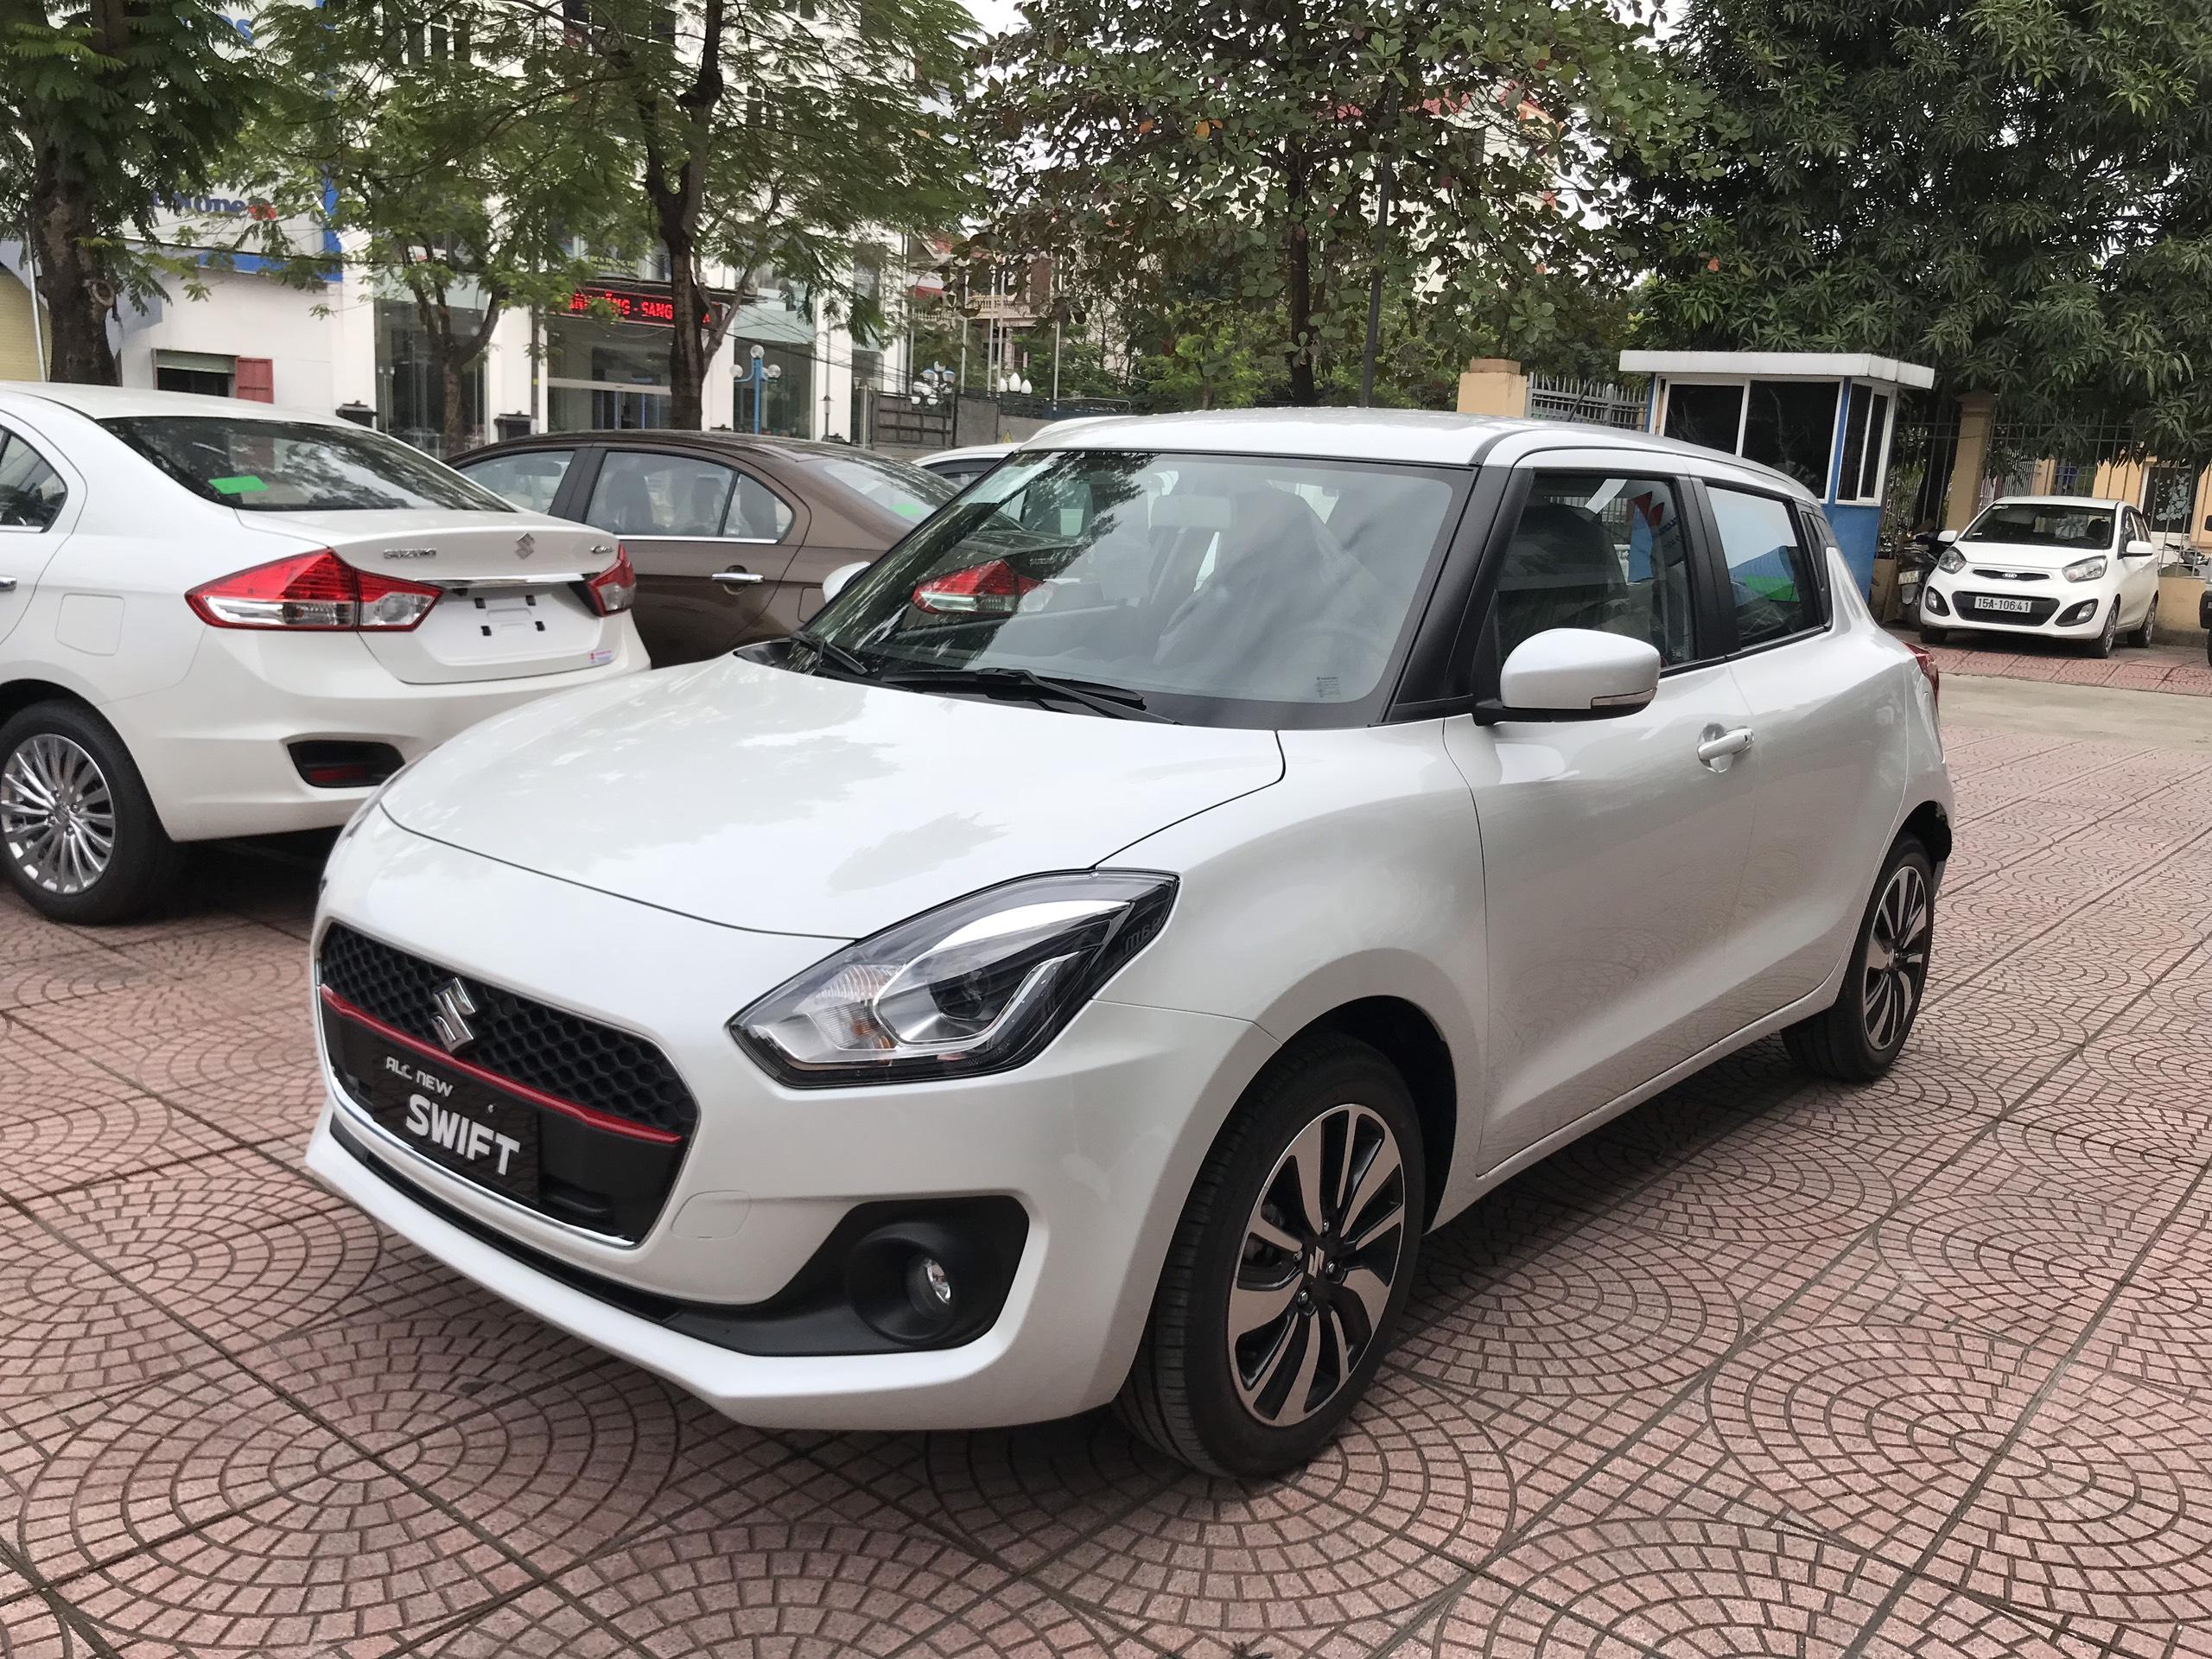 Xe Swift Suzuki Thái Bình, Suzuki Hải Phòng, Tiên Lãng, Vĩnh Bảo